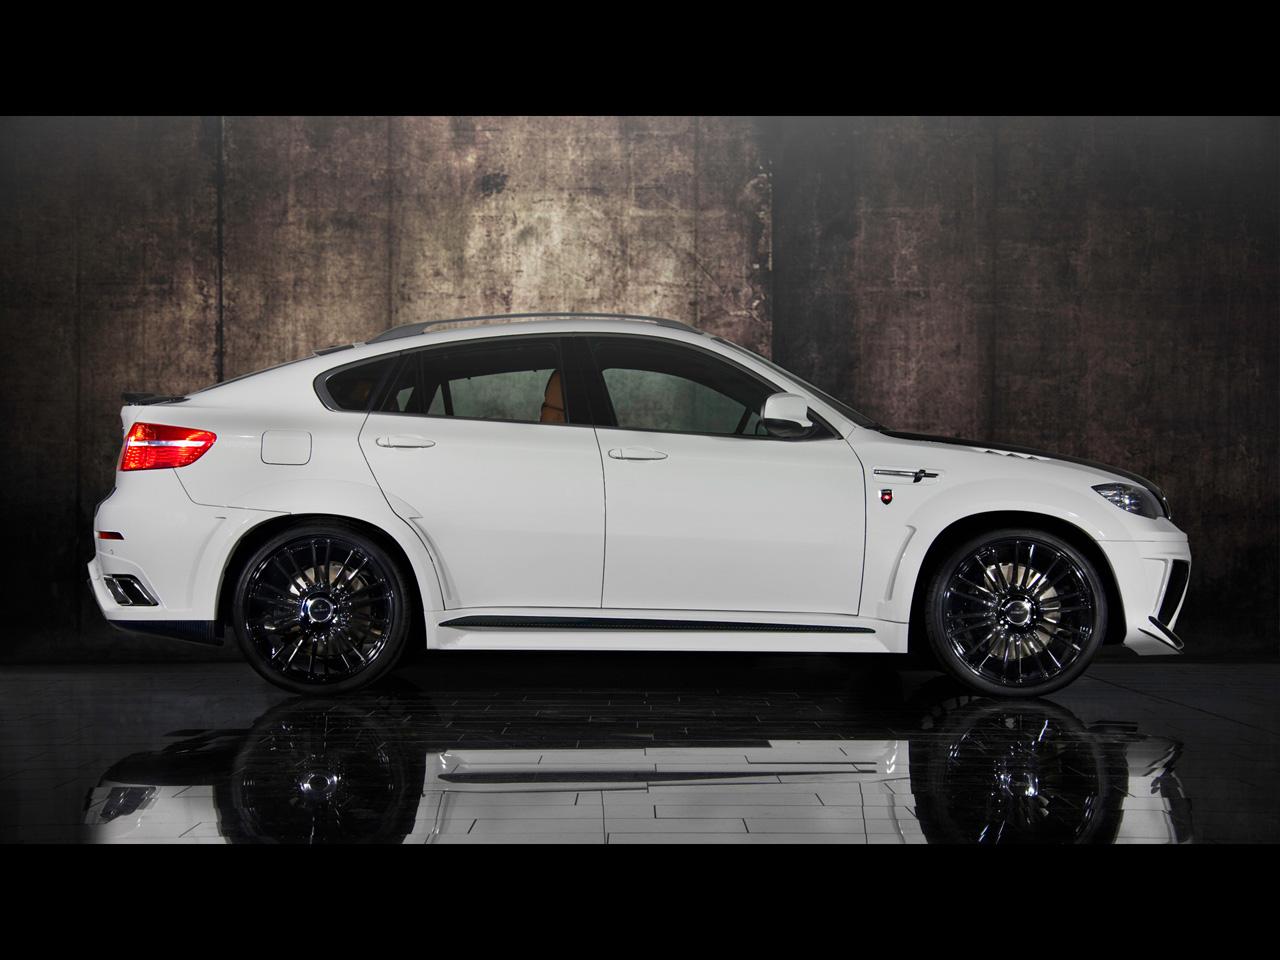 http://3.bp.blogspot.com/-qORlqRZ6QTk/TflMToDnZnI/AAAAAAAAAUQ/uNMTUr8rBHc/s1600/2011-Mansory-BMW-X6-M-Side-1280x960.jpg